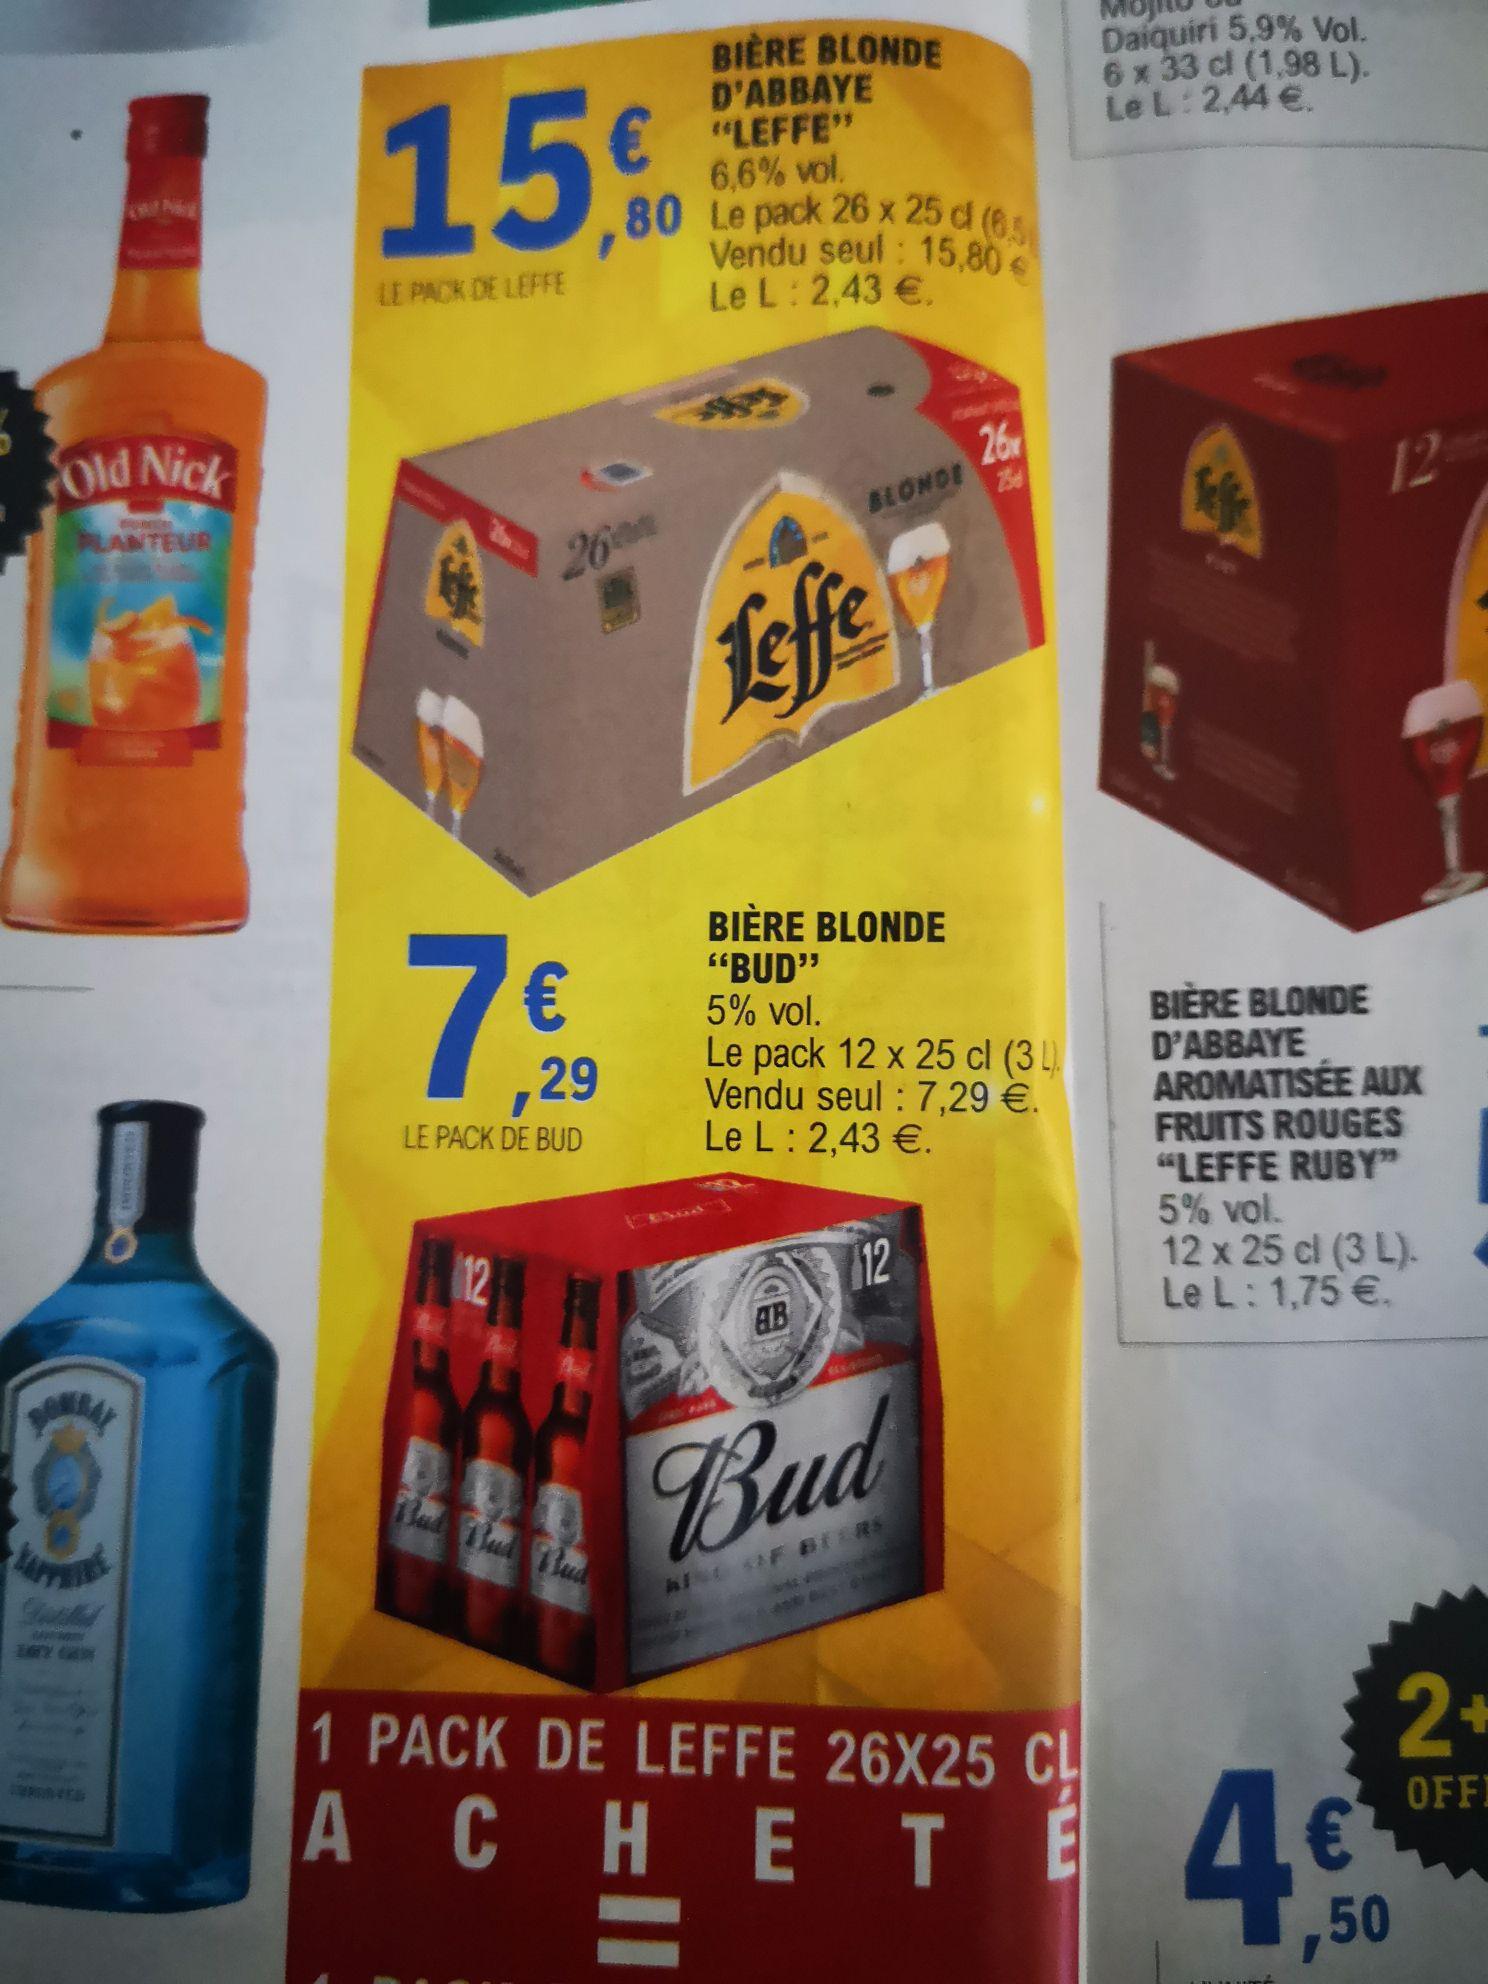 1 Pack de Bières Leffe acheté = un pack de Bud - Quimper (29)